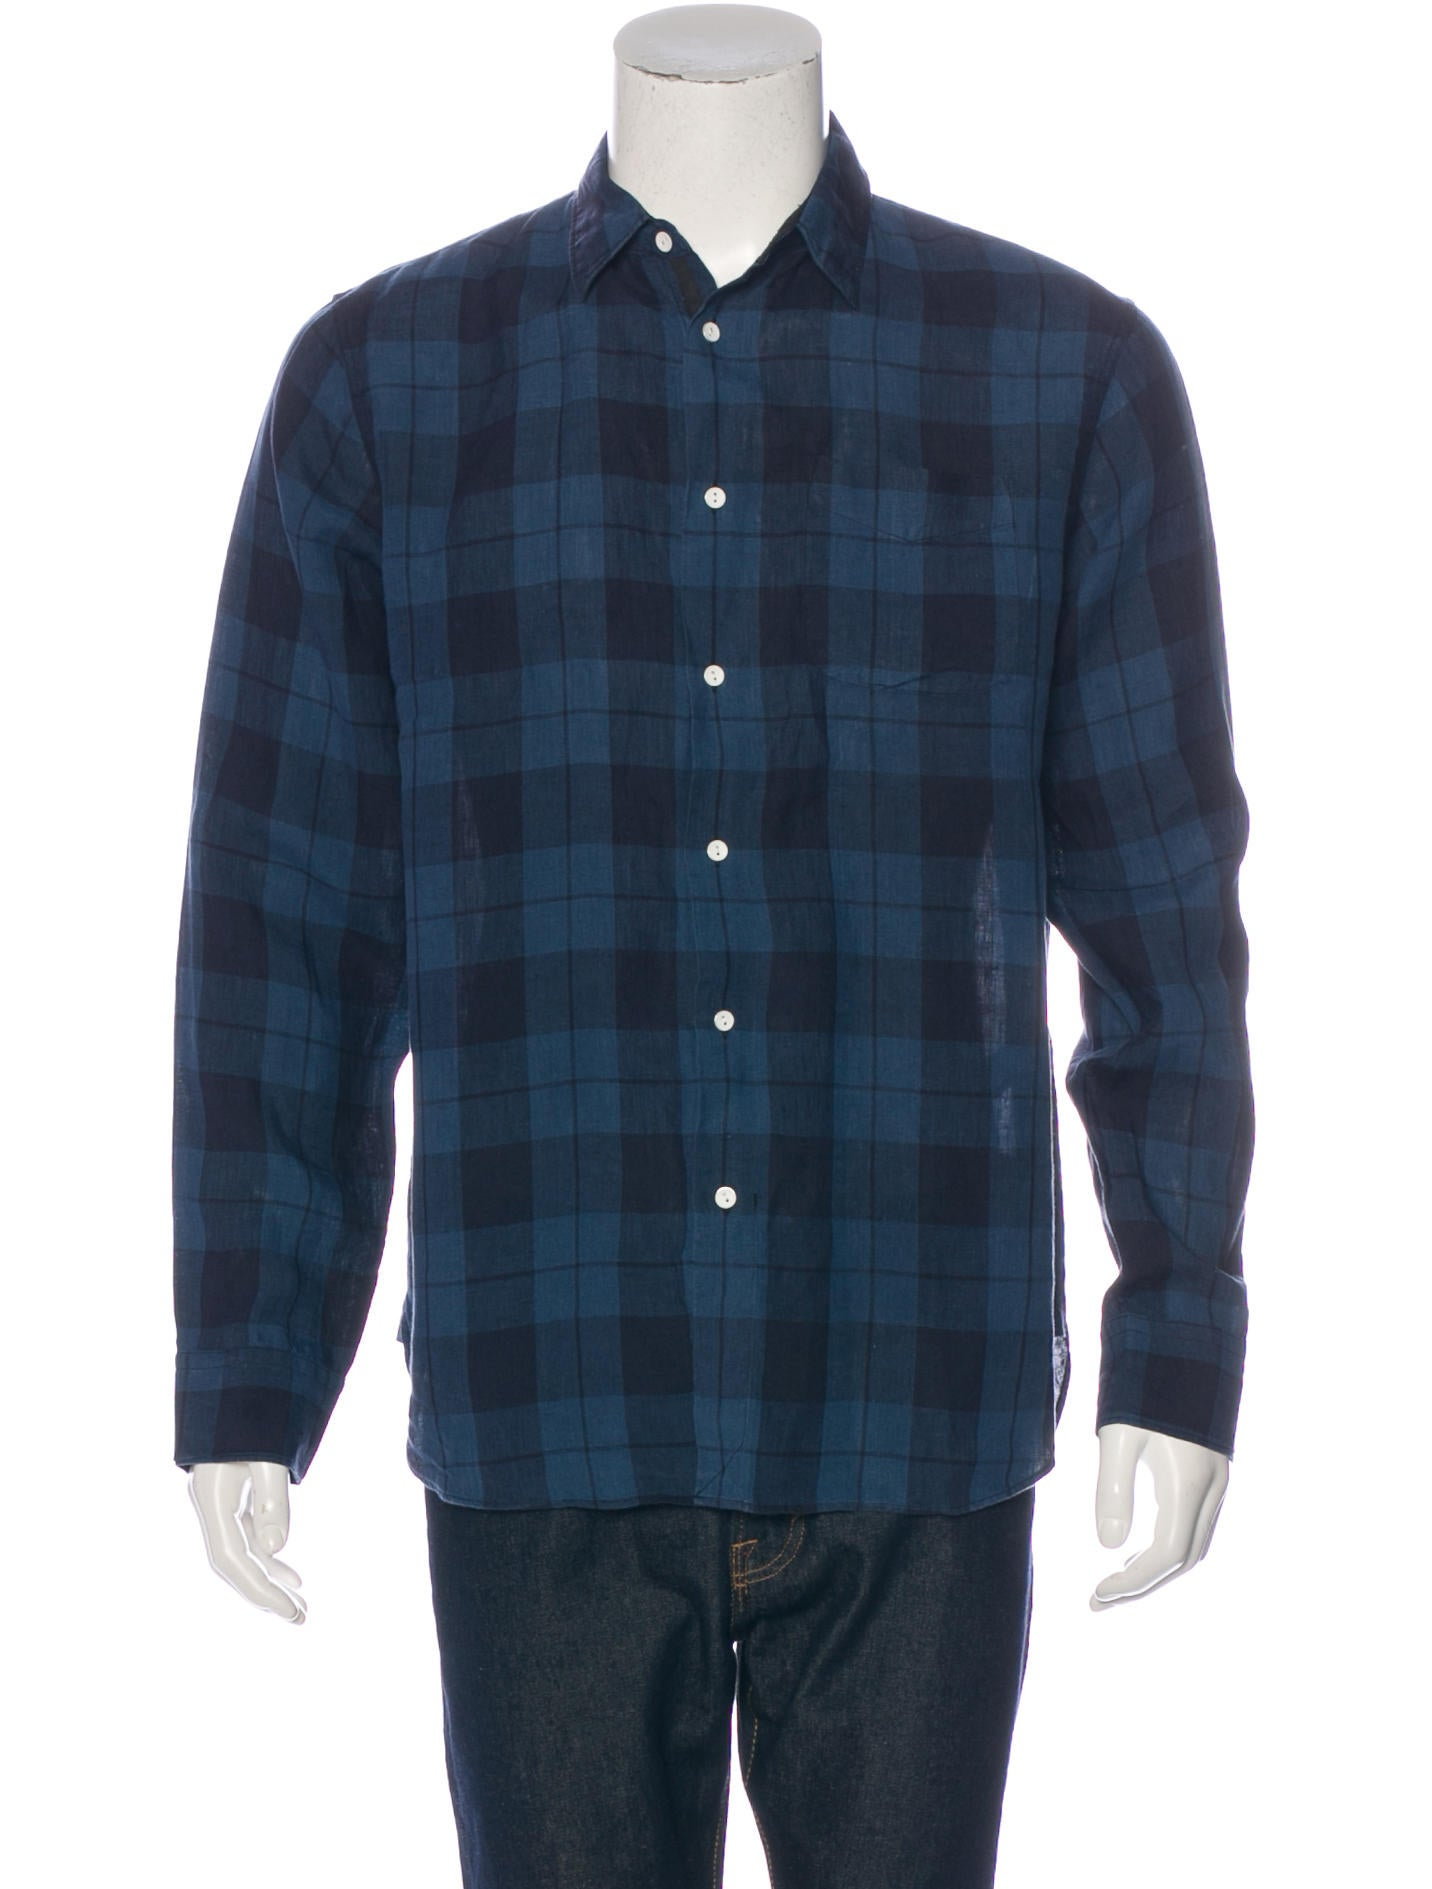 Rag Bone Plaid Linen Shirt Clothing Wragb68112 The